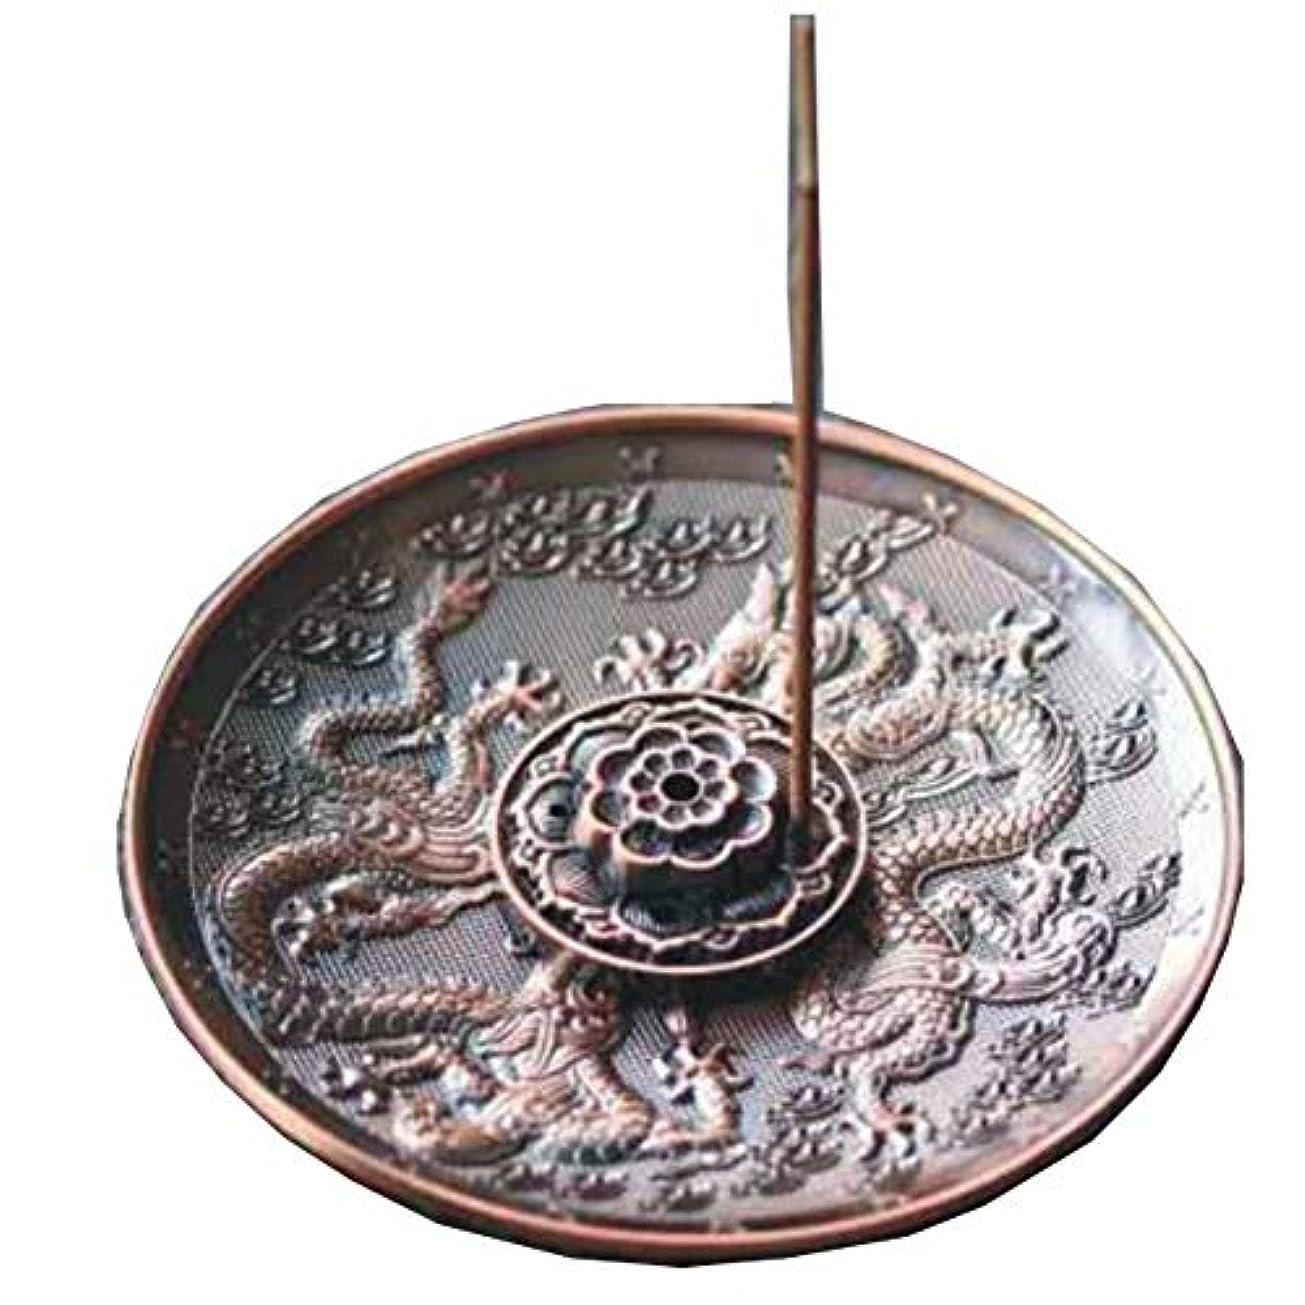 [RADISSY] お香立て 香炉 香皿 スティック 円錐 タイプ お香 スタンド 龍のデザイン (赤胴色9穴)